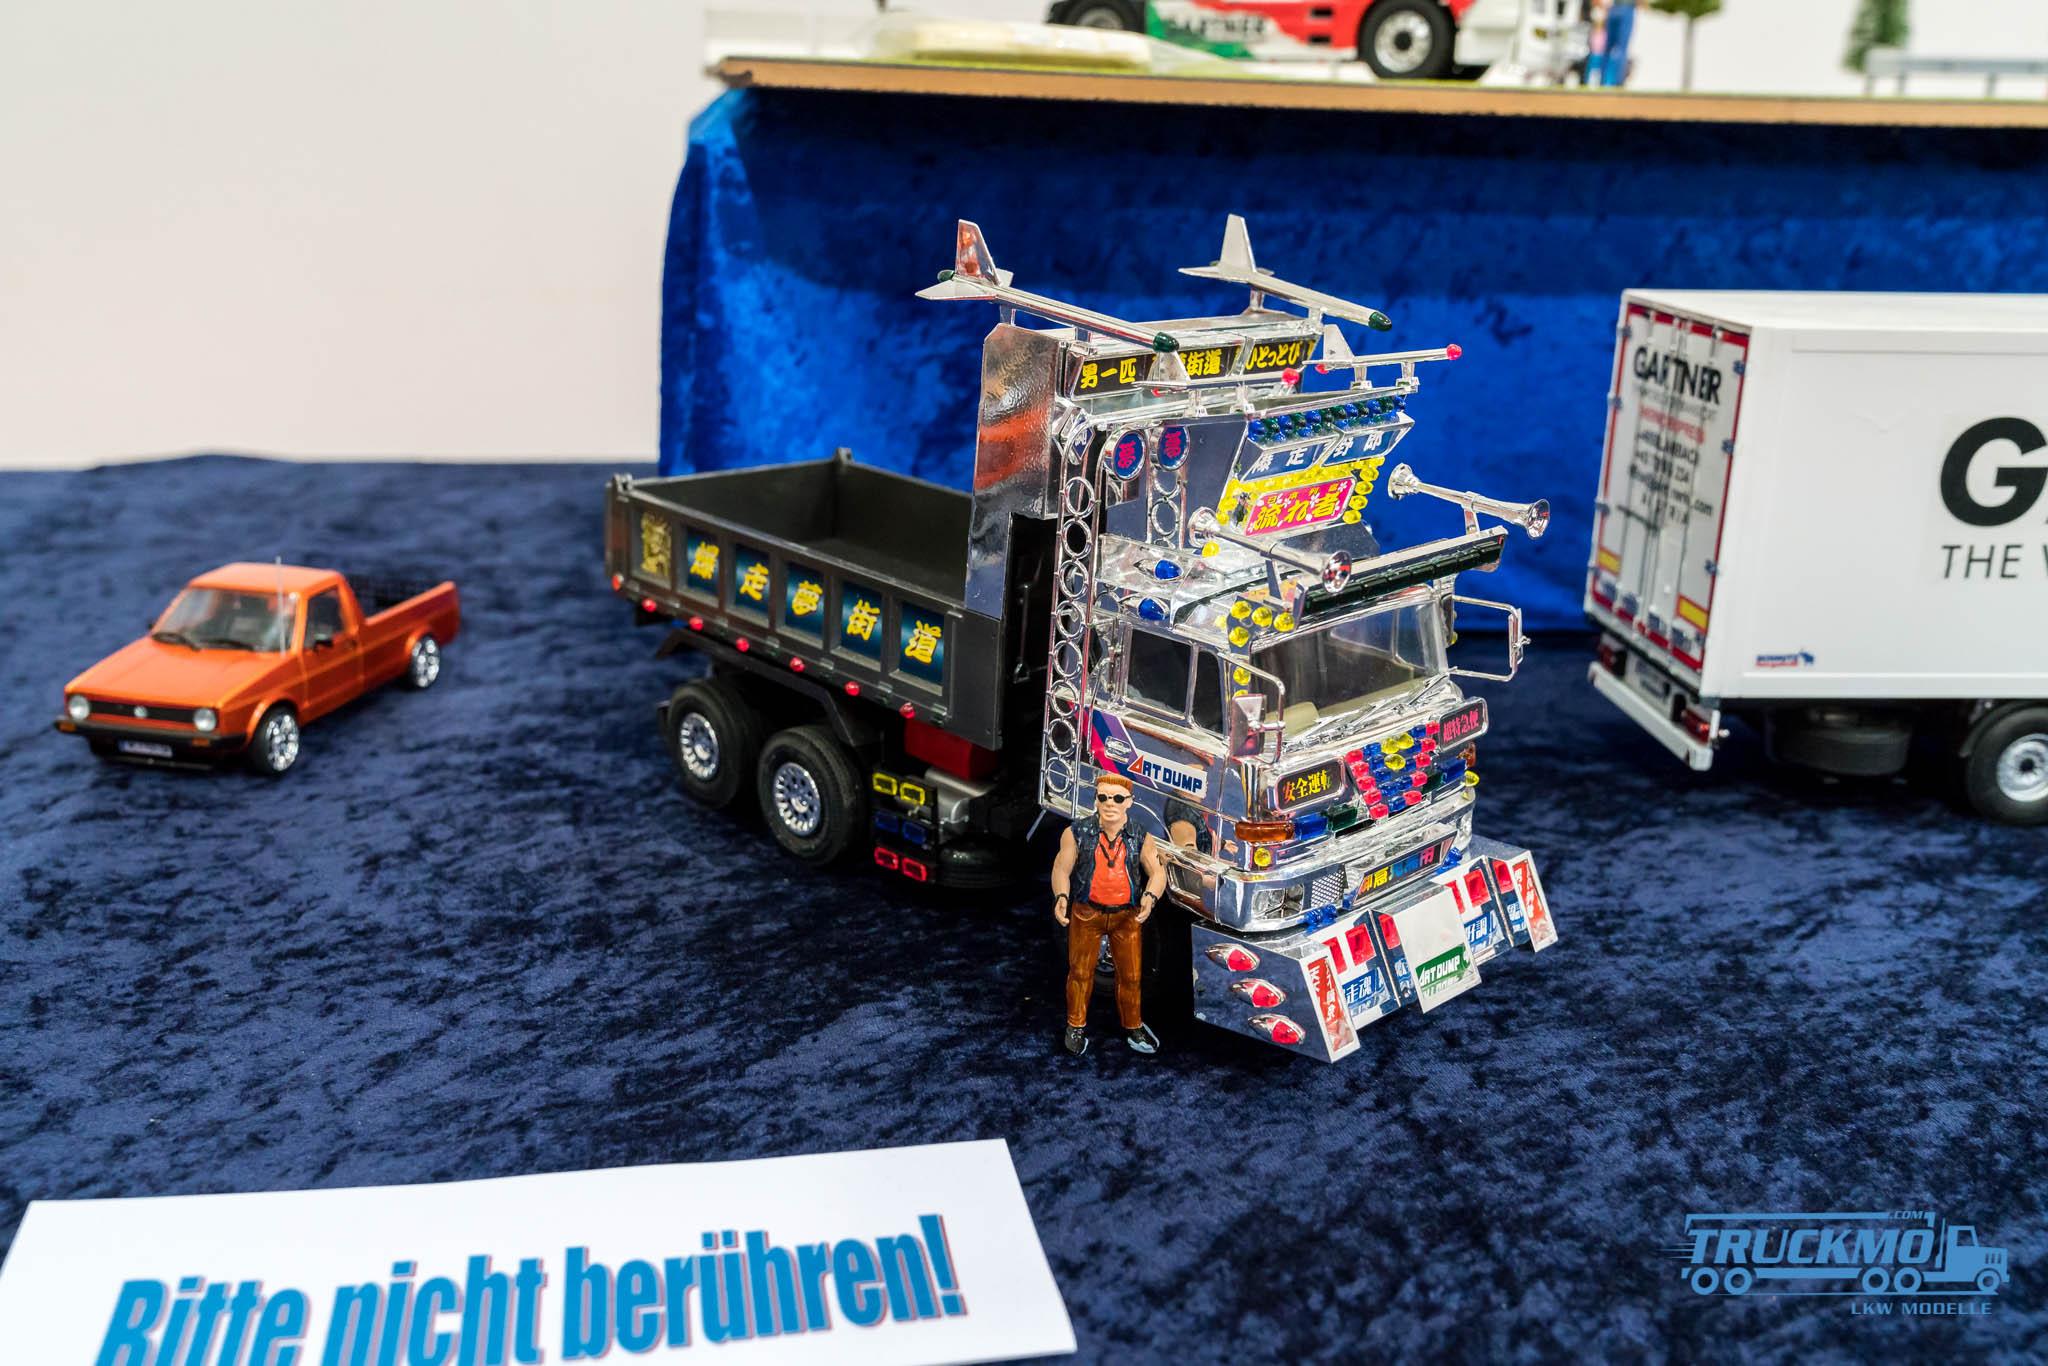 Truckmo_Modellbau_Ried_2017_Herpa_Messe_Modellbauausstellung (302 von 1177)